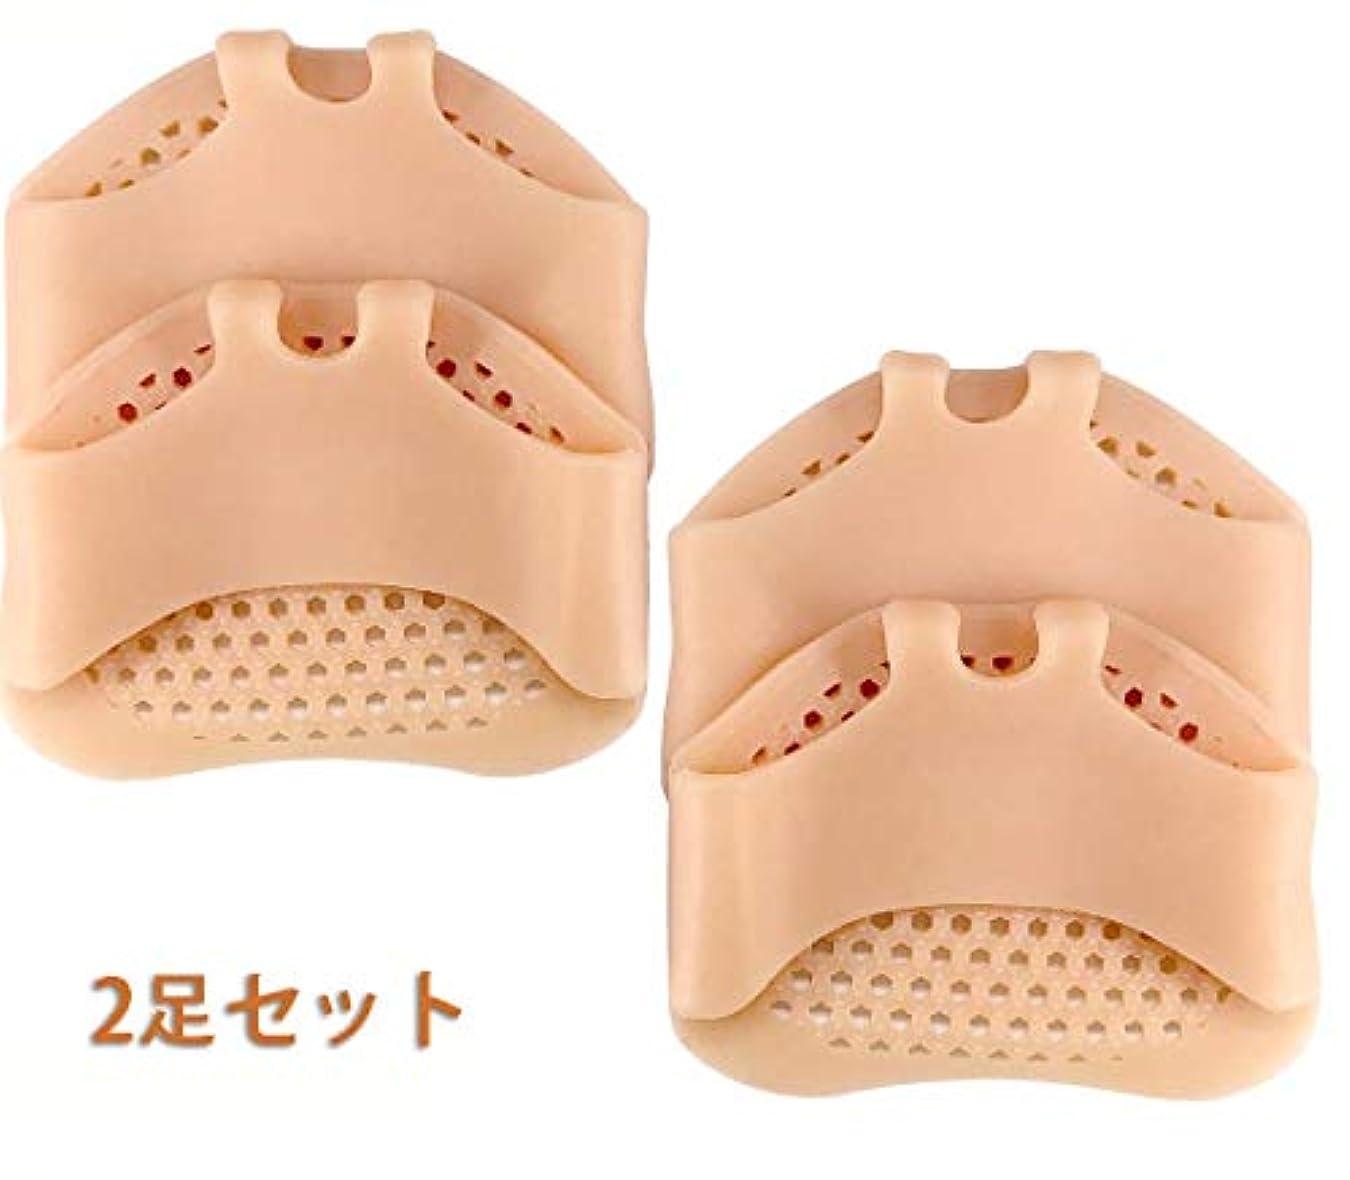 の前でハチマージEnge 足裏保護パッド 足裏サポート シリコン素材 男女適用 日本語説明書付き 4個入り